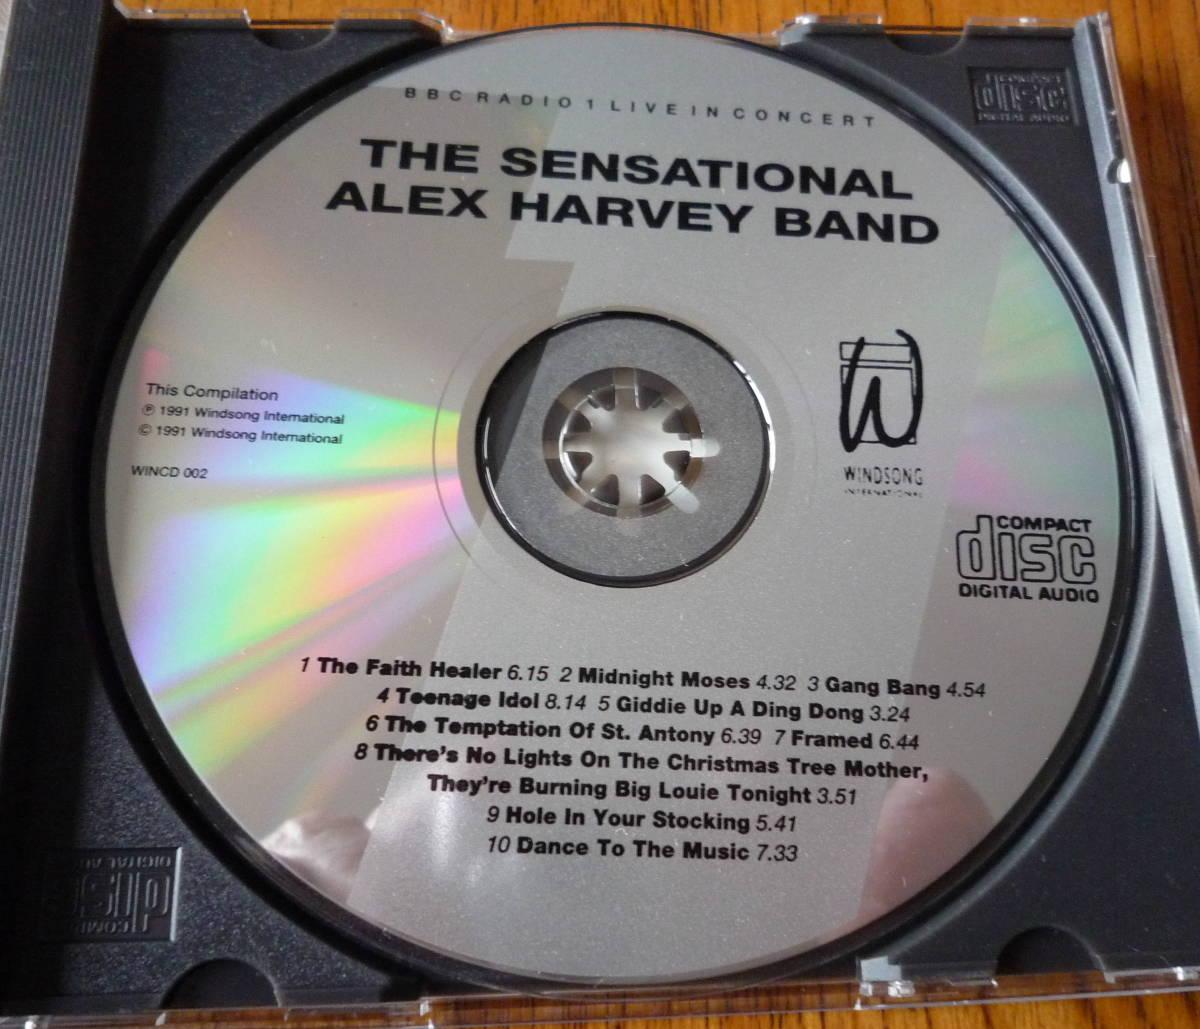 ■【美品CD】 THE SENSATIONAL ALEX HARVEY BAND - BBC RADIO 1 LIVE IN CONCERT / センセーショナル・アレックス・ハーヴェイ・バンド